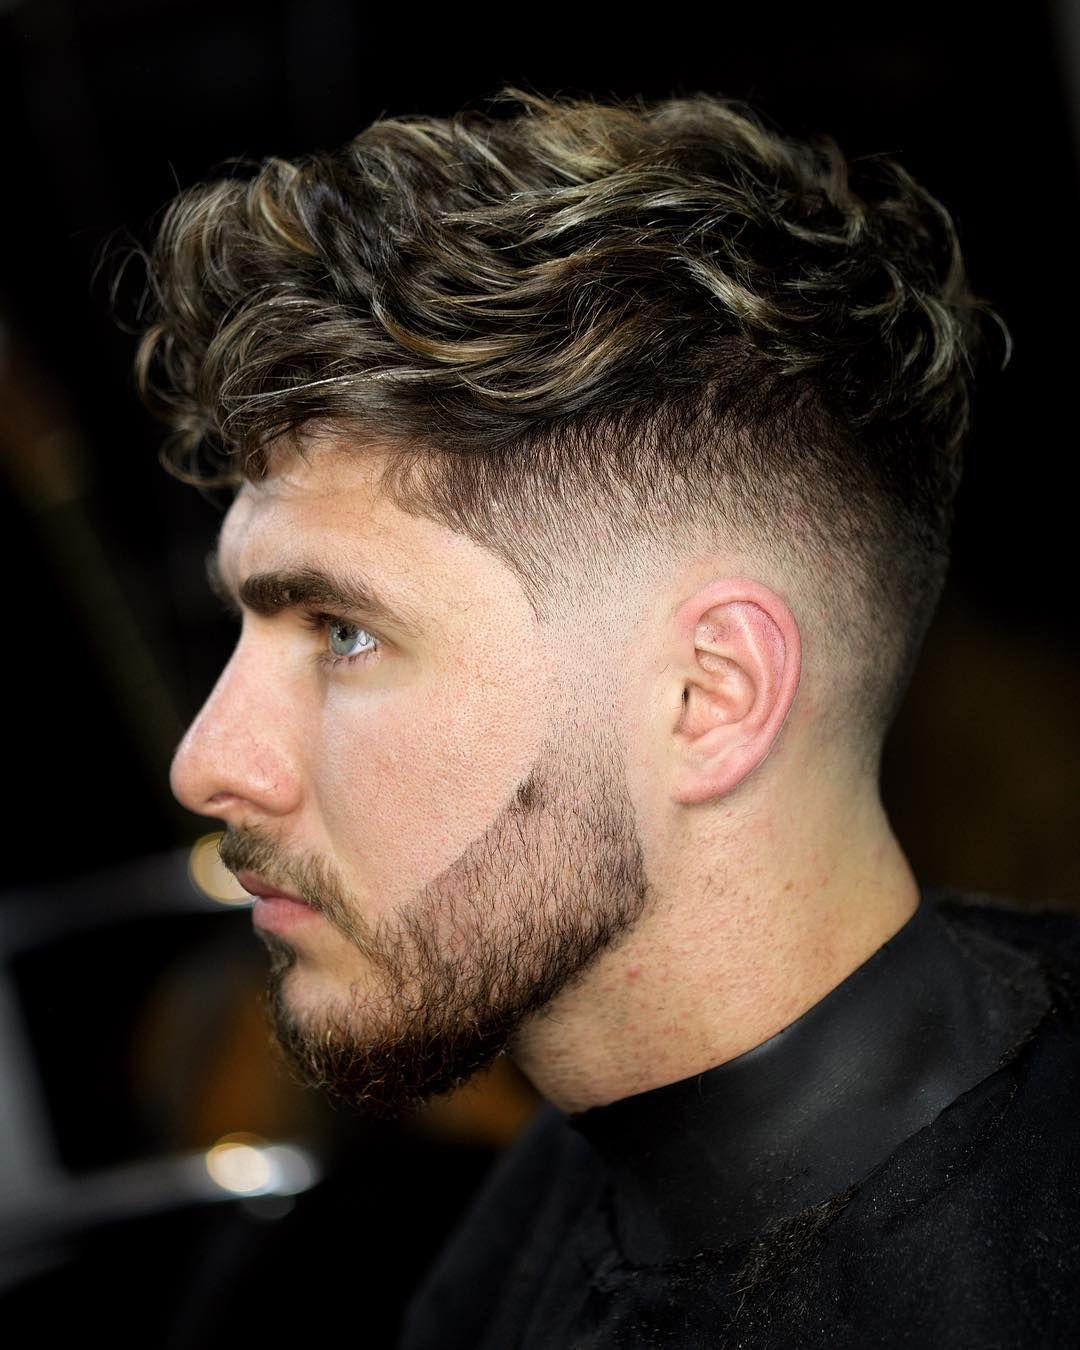 Mens Haircuts 2018 Top 100 Pro Barber Tipsmens Haircuts 2018 Top 100 Mens Haircuts Fade Curly Hair Men Mid Fade Haircut